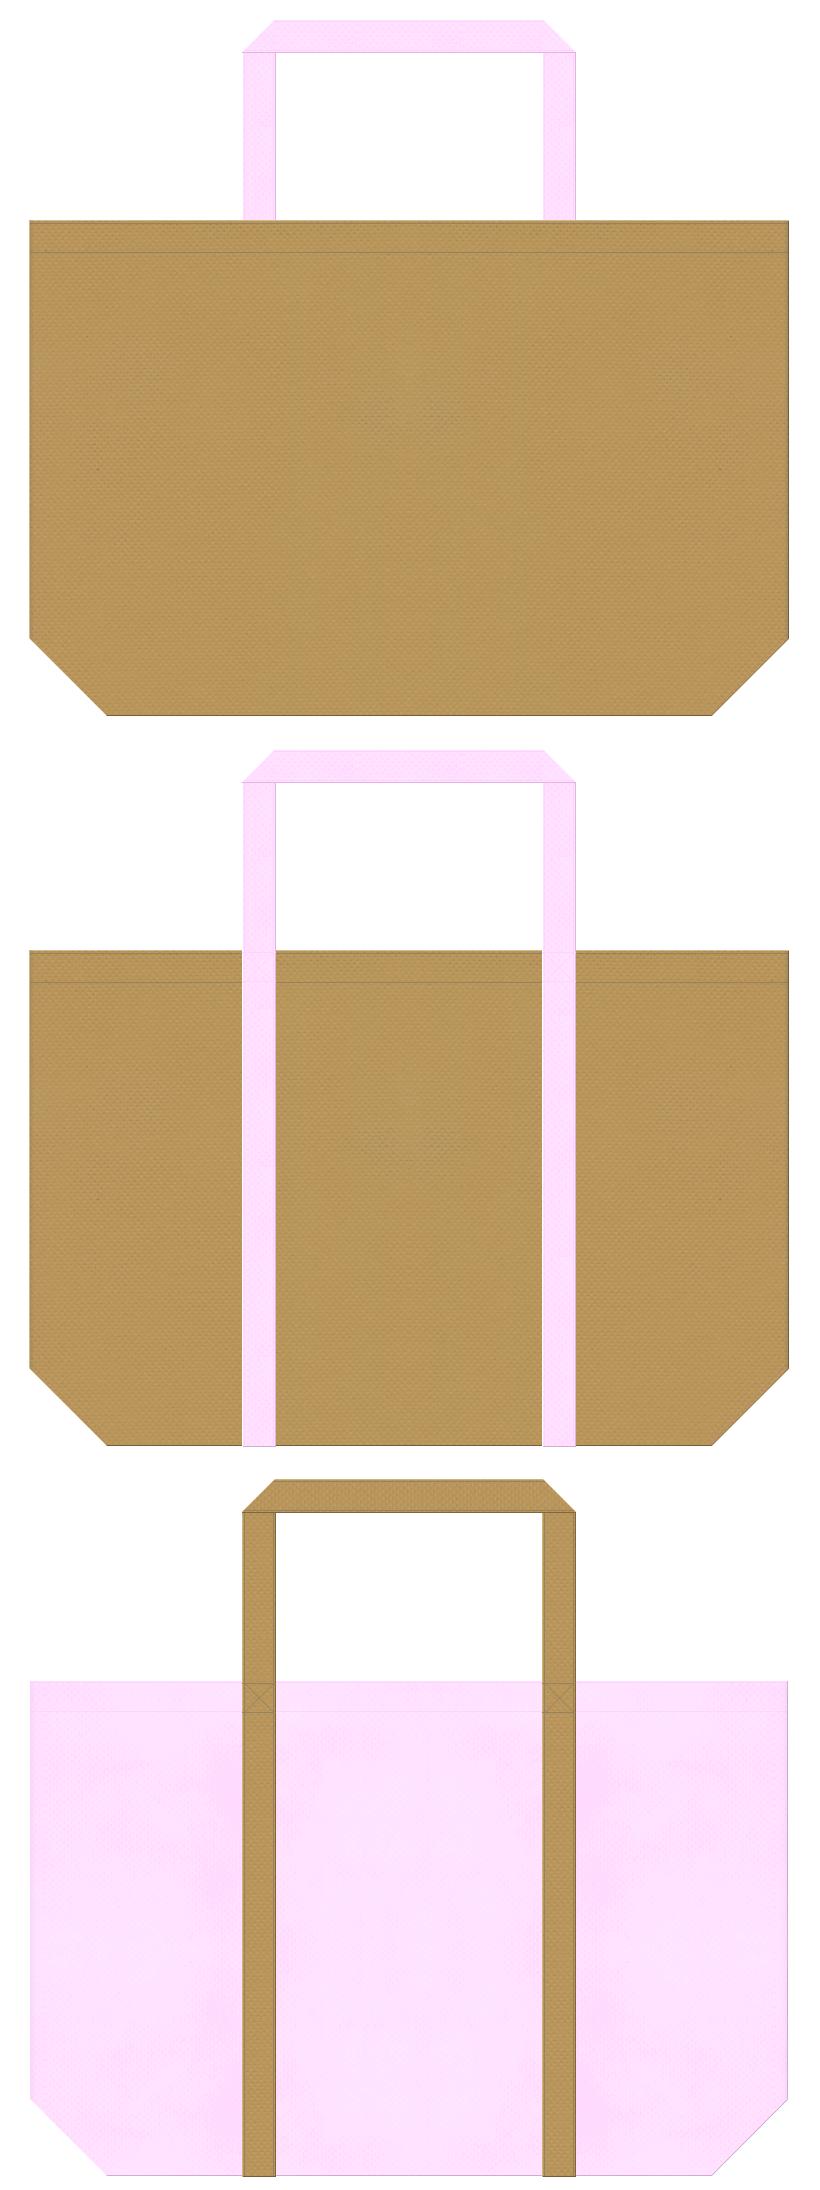 ペットショップ・ペットサロン・アニマルケア・ペット用品・ペットフードのショッピングバッグにお奨めの不織布バッグデザイン:マスタード色とパステルピンク色のコーデ